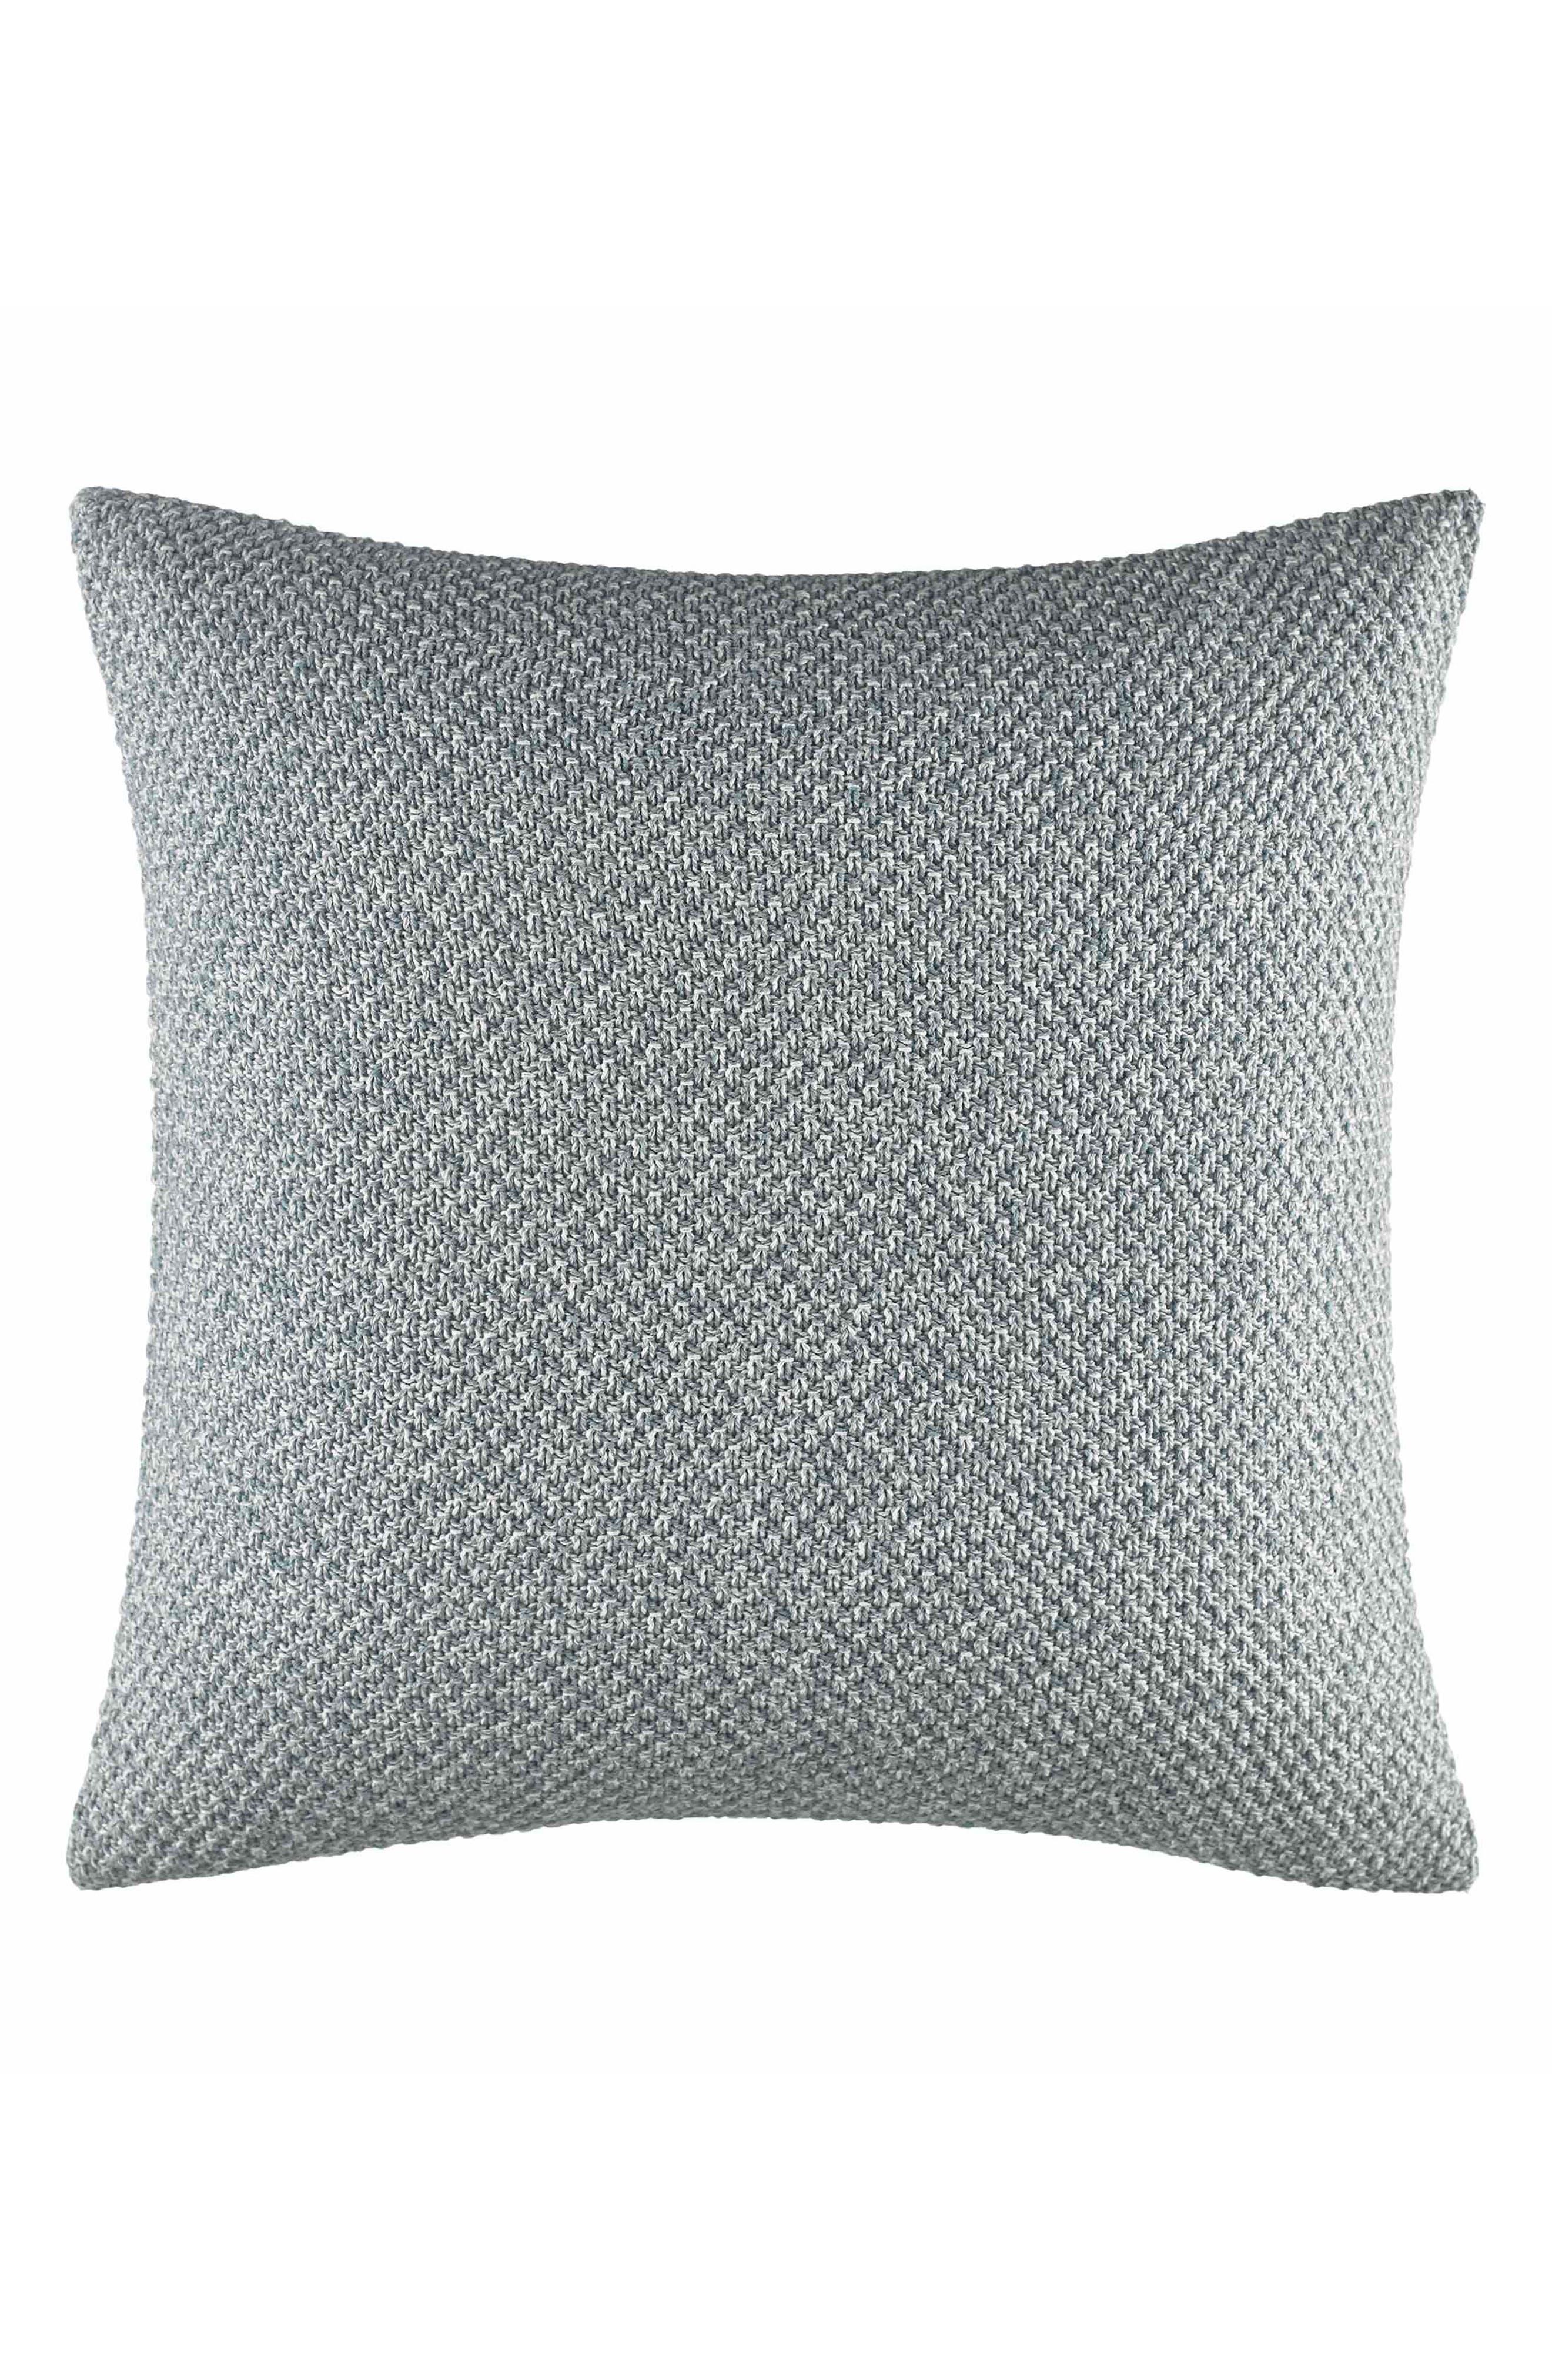 Cape Coral Knit Pillow,                             Main thumbnail 1, color,                             400